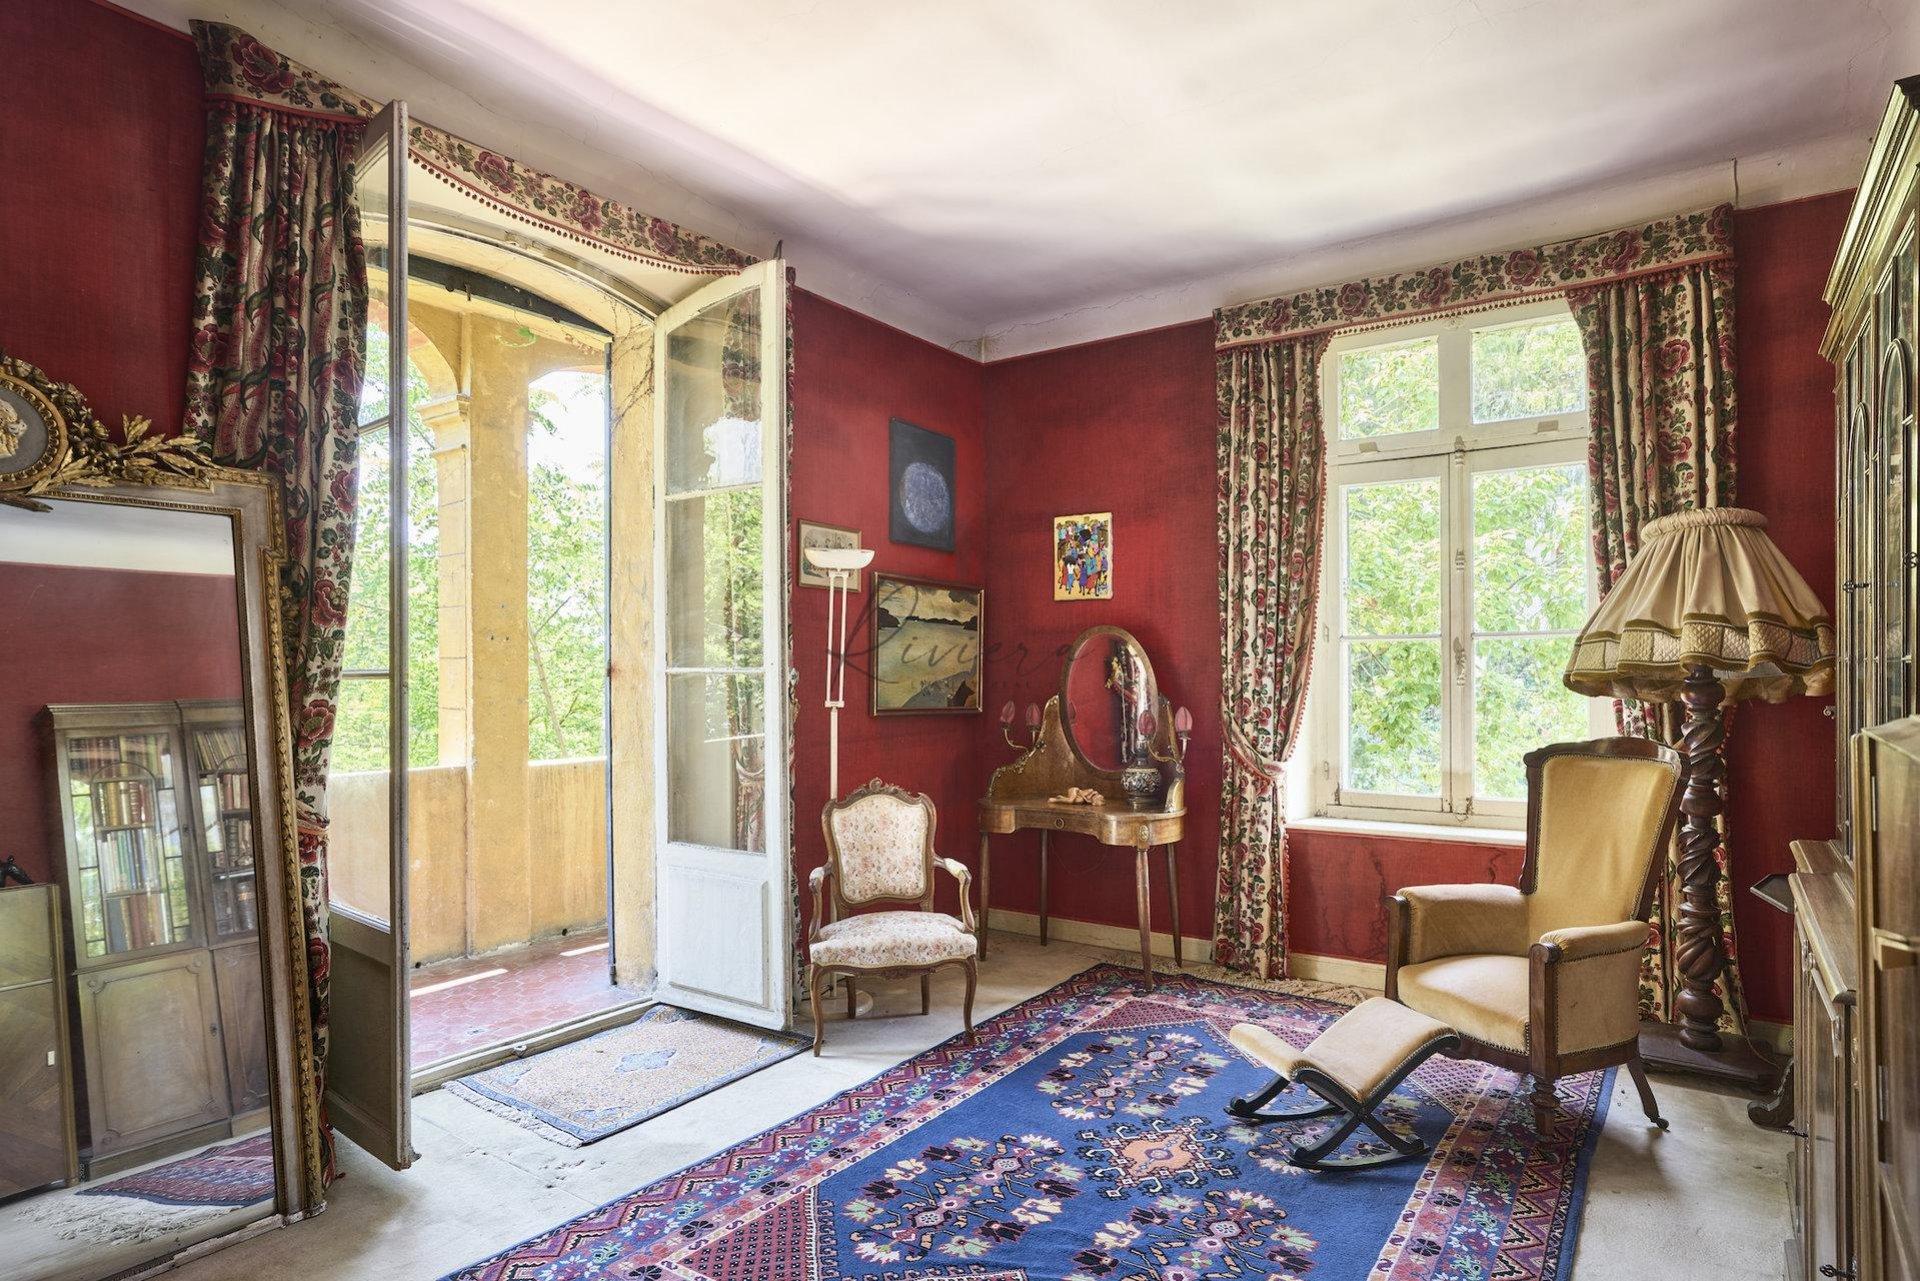 Maison de caractère fin du 19ème siècle